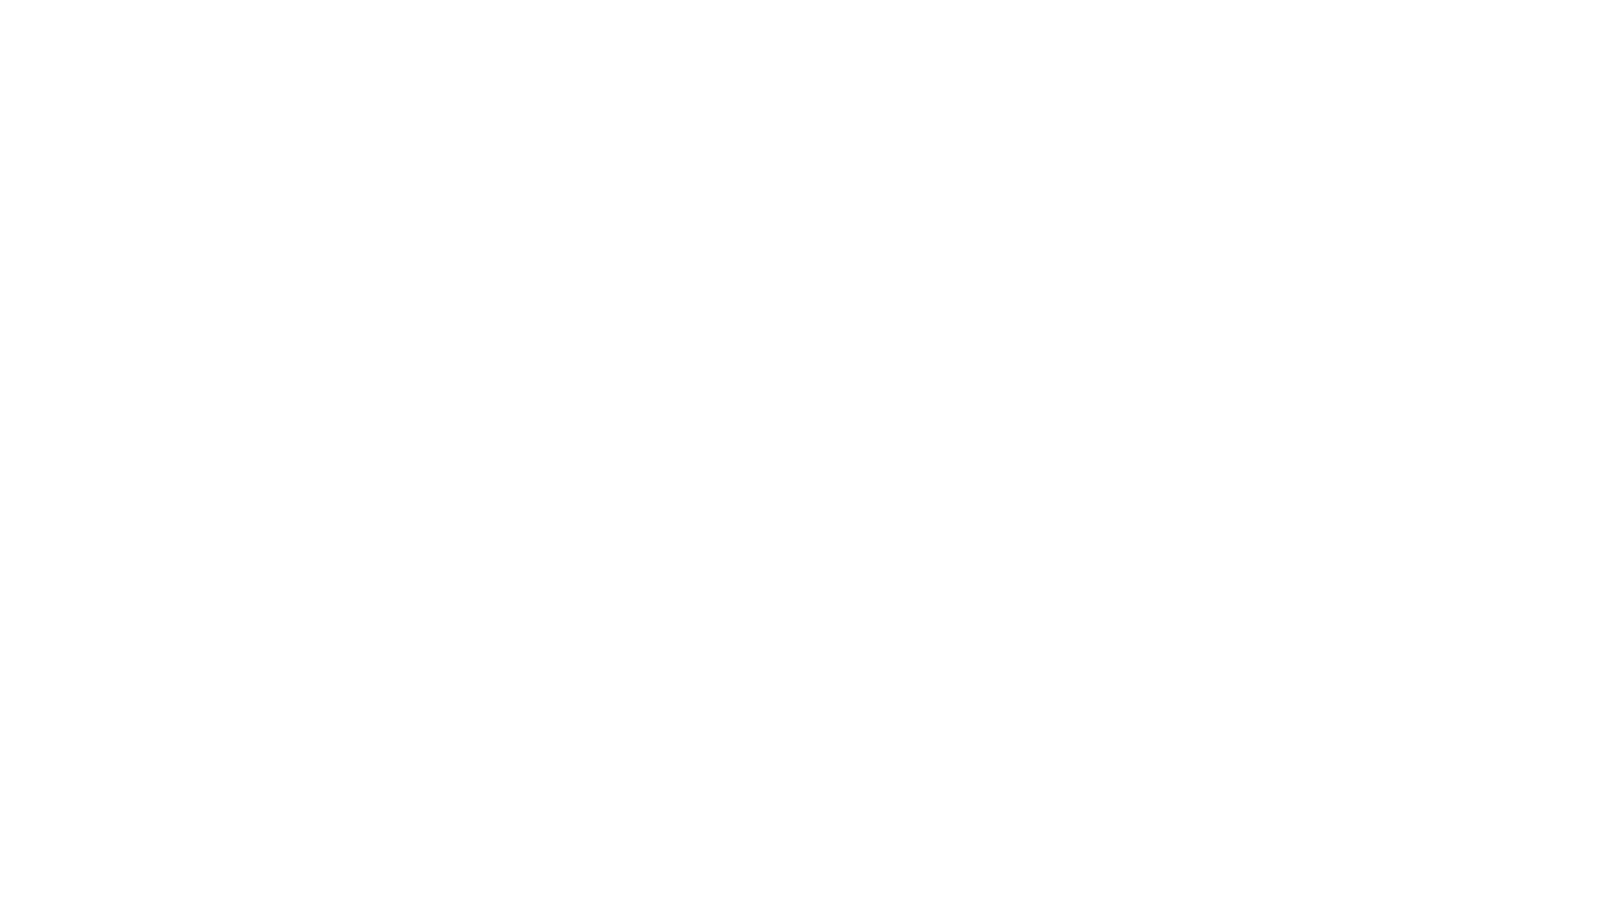 Apokalipso band #SvadbeneSvečanosti #ApokalipsoSviraju #SavršeniZvuk #Apokalipso www.apokalipso.com Kontakt: apokalipso.band@gmail.com  Cijele izvedbe možete pogledat na: Jedina jubav moga života - Klapa Rišpet & Doris Dragović | https://youtu.be/r4CFYH610cs Željo moja - Doris Dragović | https://youtu.be/-ngVS6cHQm0 Molitva - Marija Šerifović | https://youtu.be/GAFxG6taUUU Kad si rekla da me voliš - Merlin | https://youtu.be/n6Wm2ijfUF8 Mala truba - Urban & 4 | https://youtu.be/ASpAVFA74OM